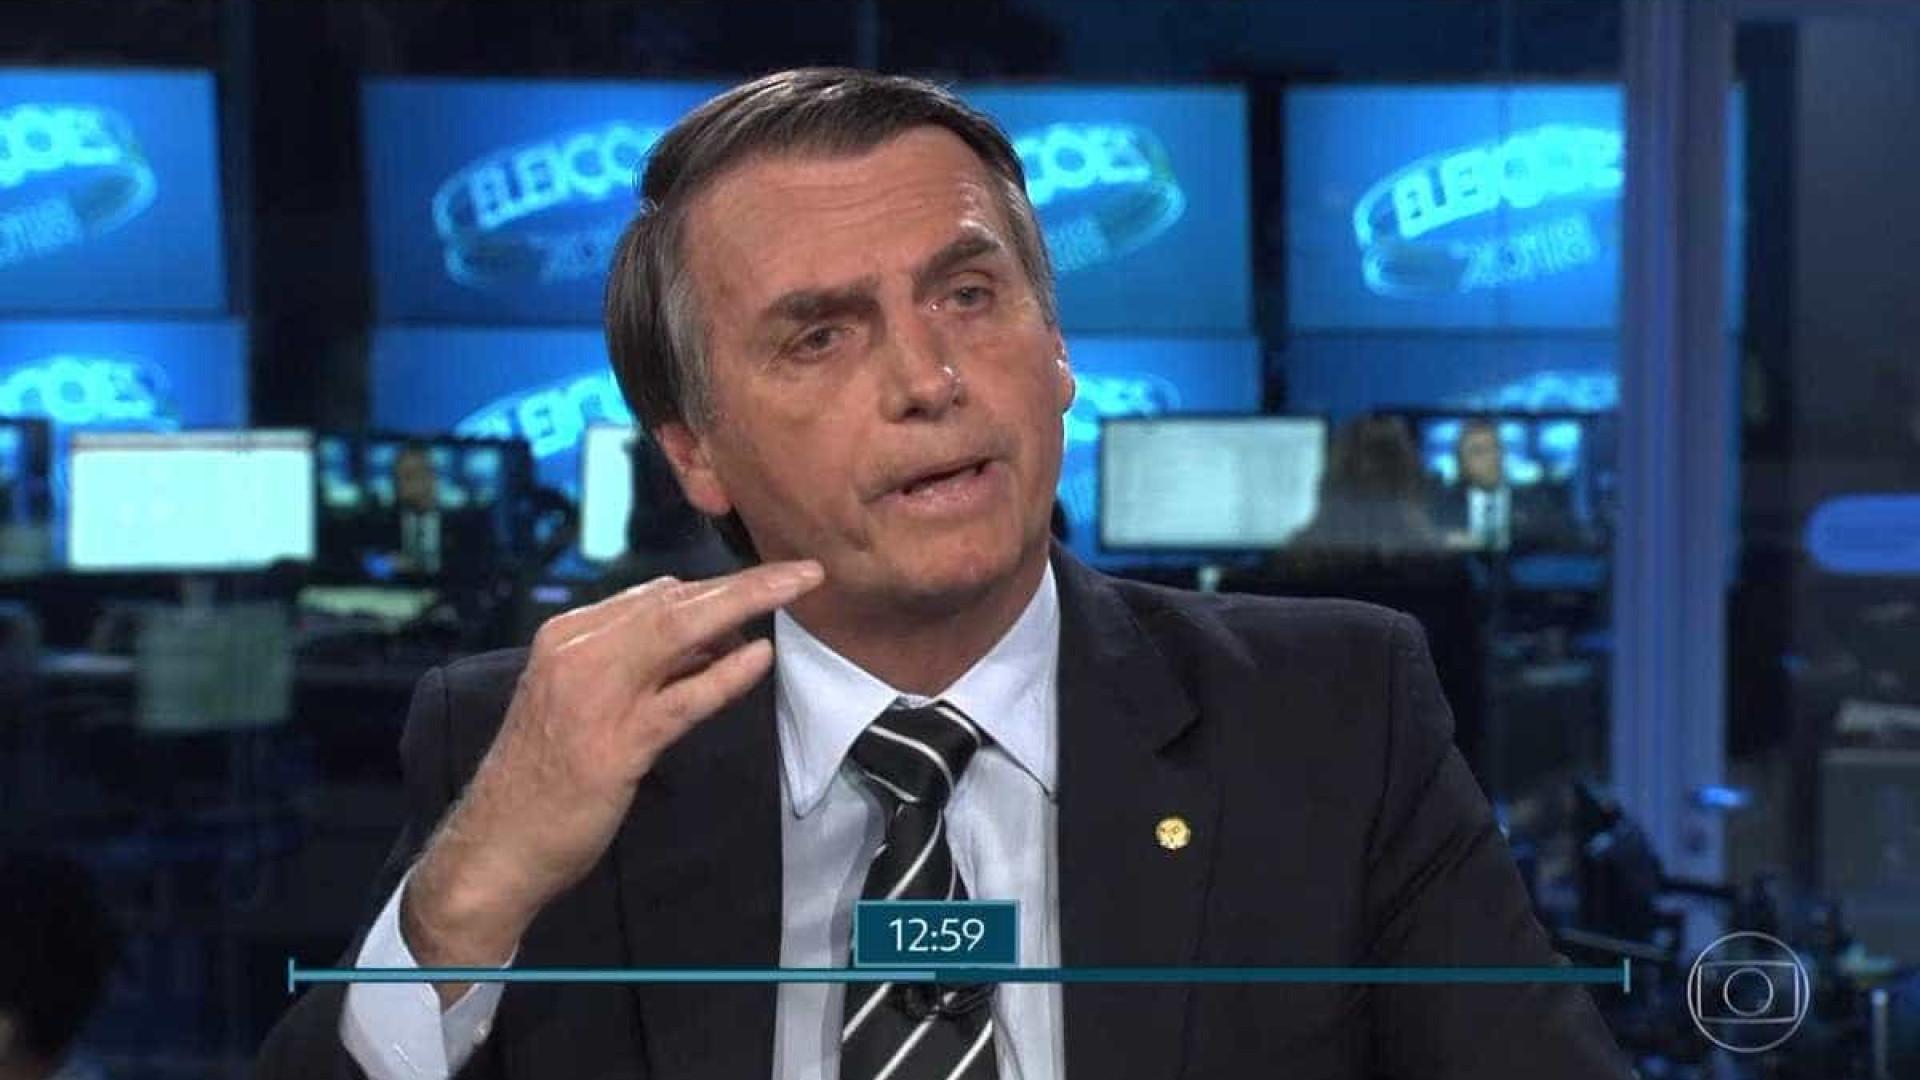 Ao falar de economia, Bolsonaro cita 'casamento' e 'alfineta' Bonner